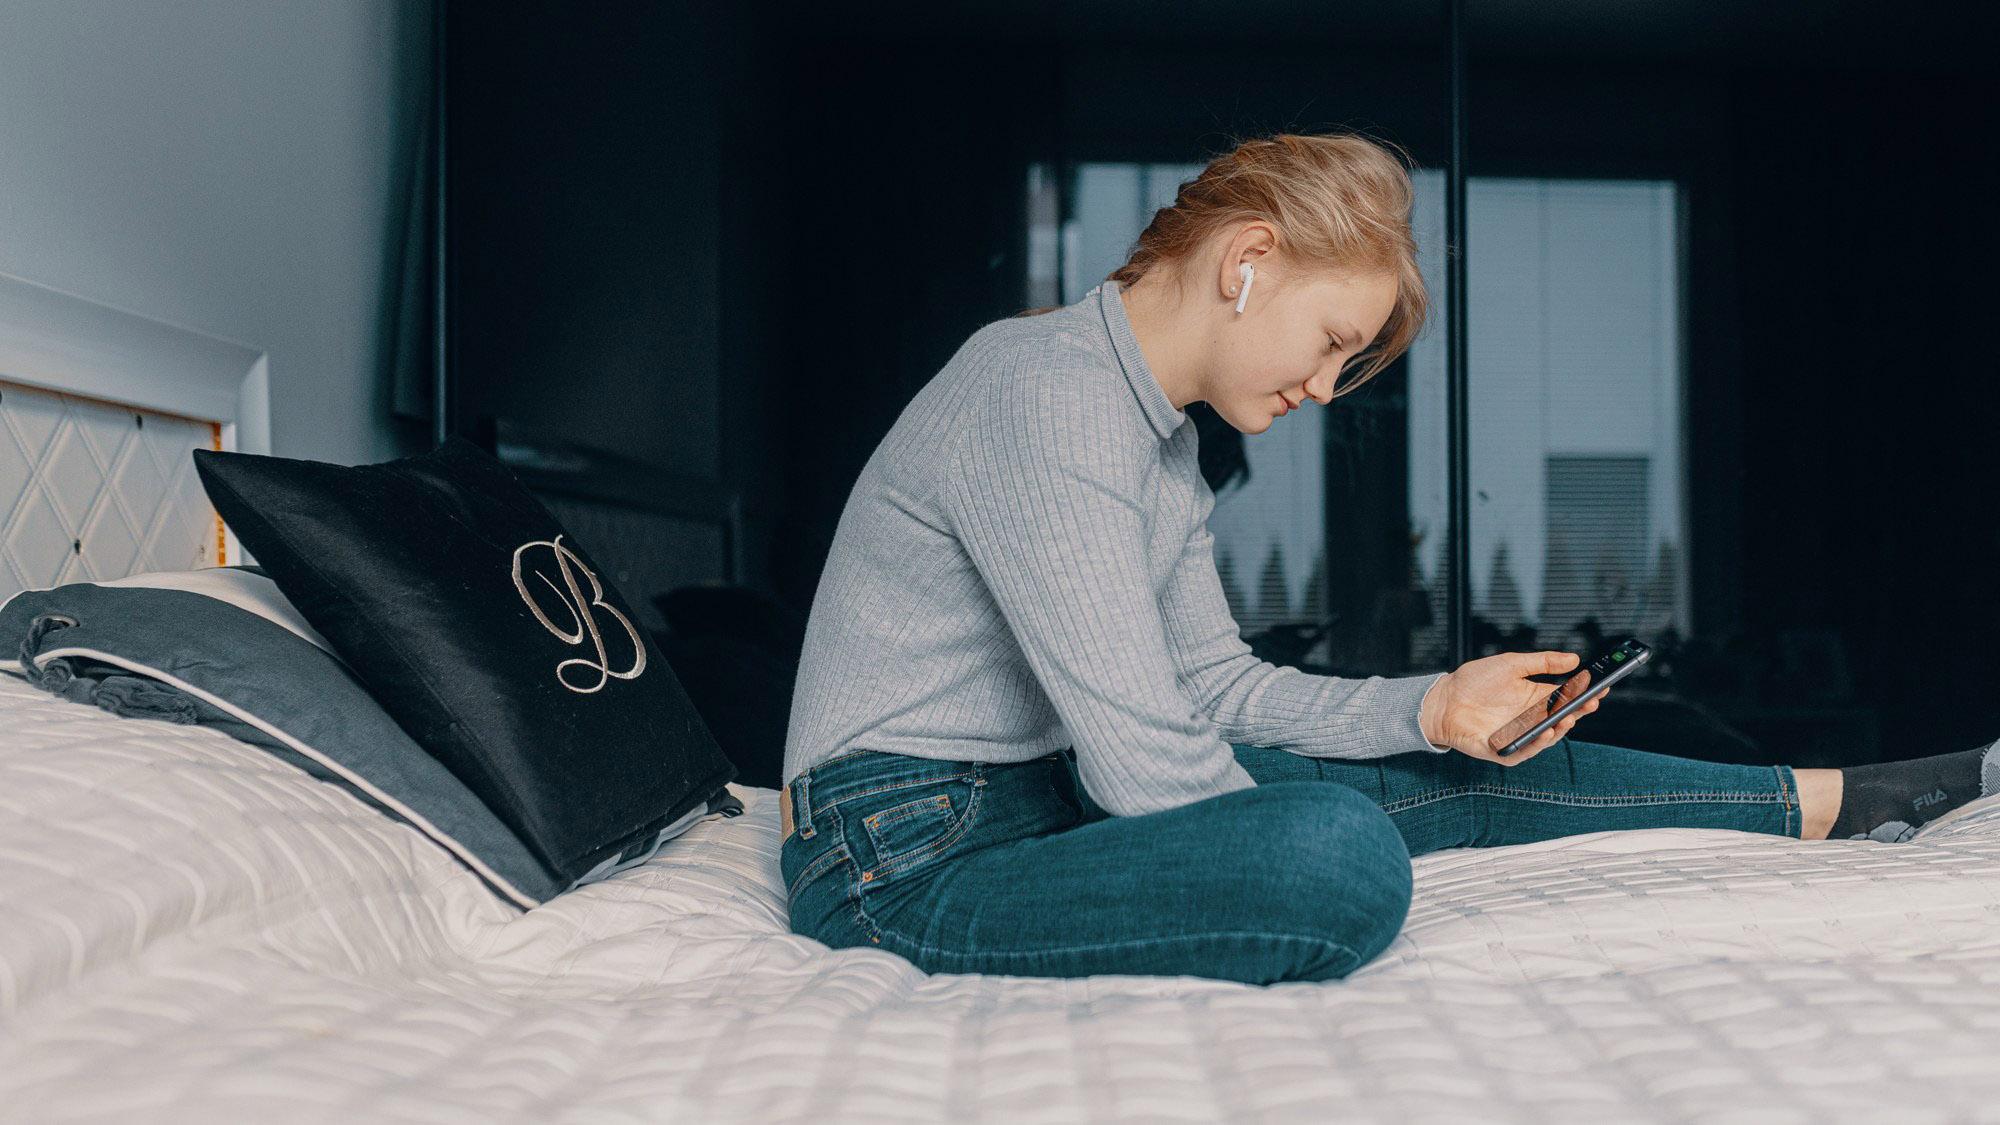 Tyttö istuu sängyllä ja katsoo kännykkää.